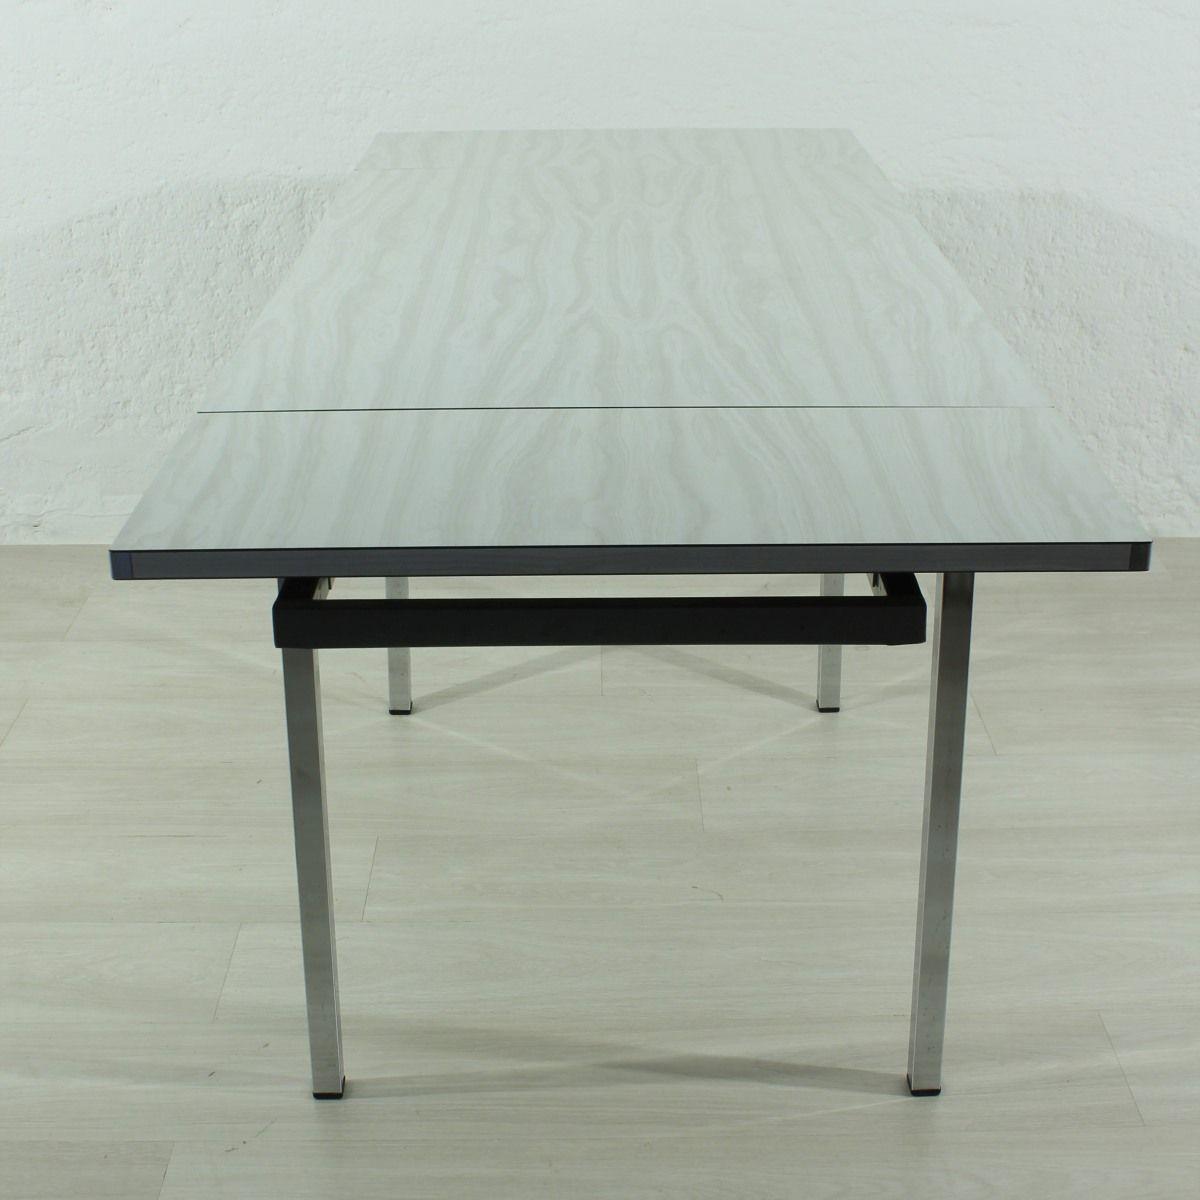 table de salle manger extensible 1970s en vente sur pamono. Black Bedroom Furniture Sets. Home Design Ideas